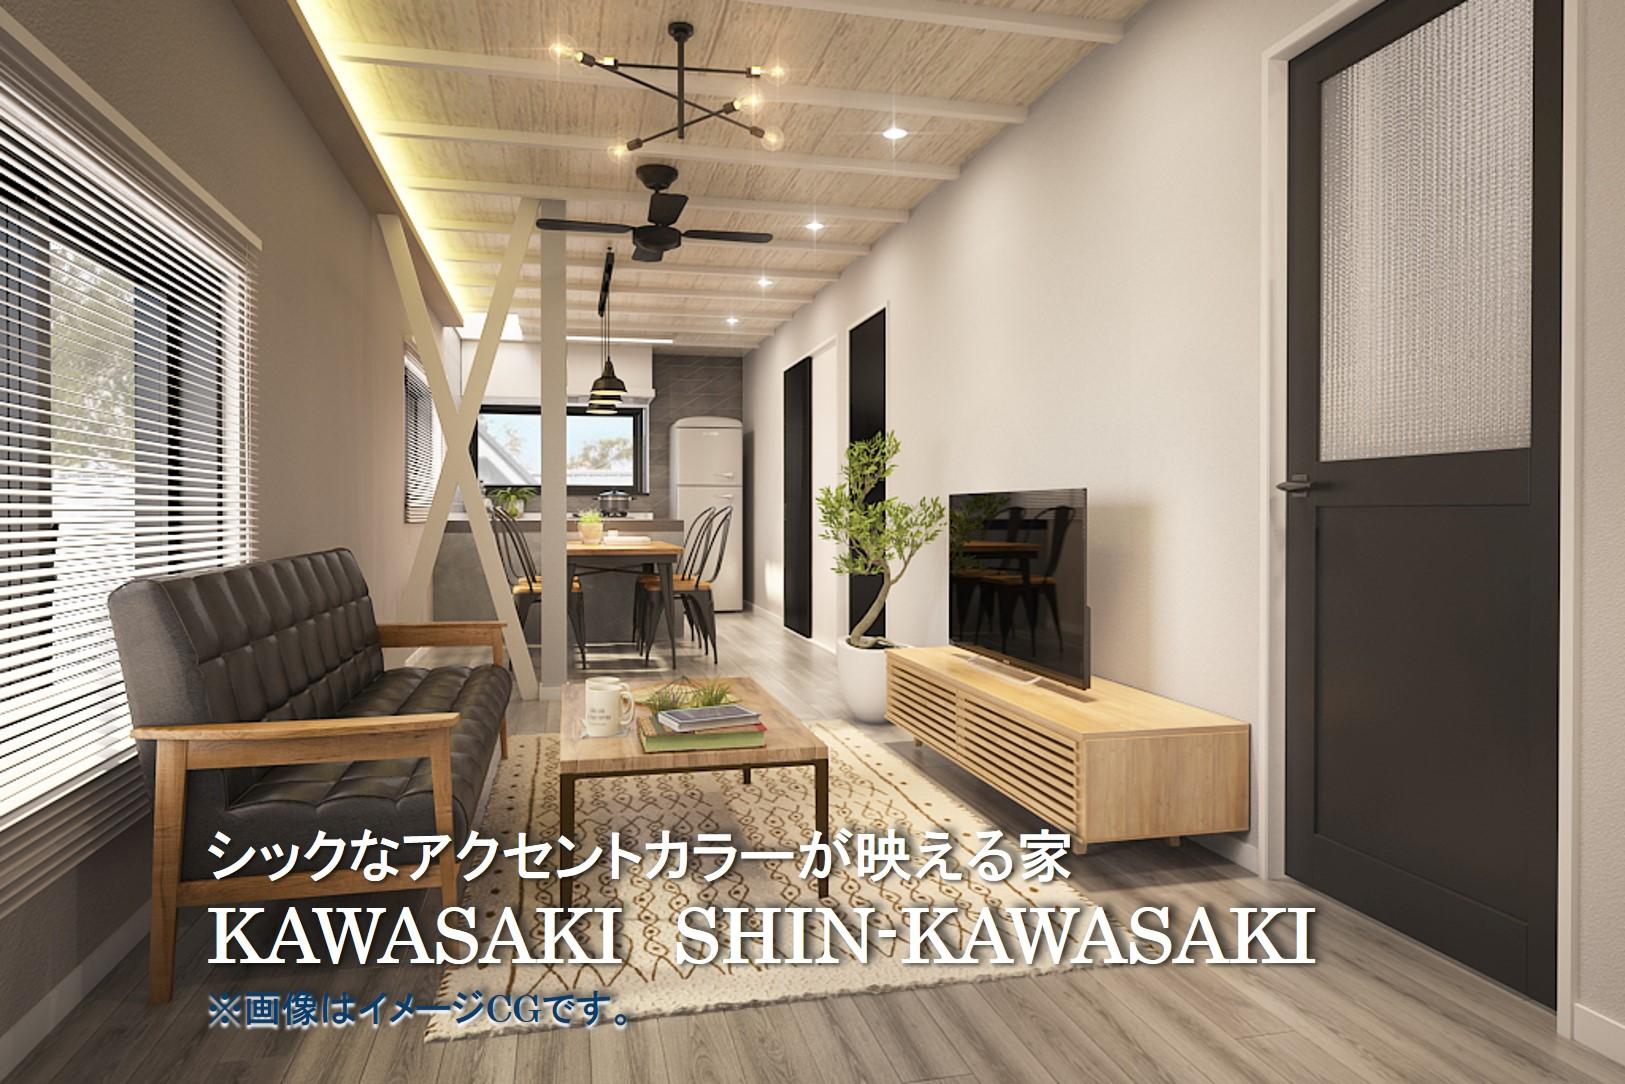 シックなアクセントカラーが映える家|KAWASAKI SHIN-KAWASAKI